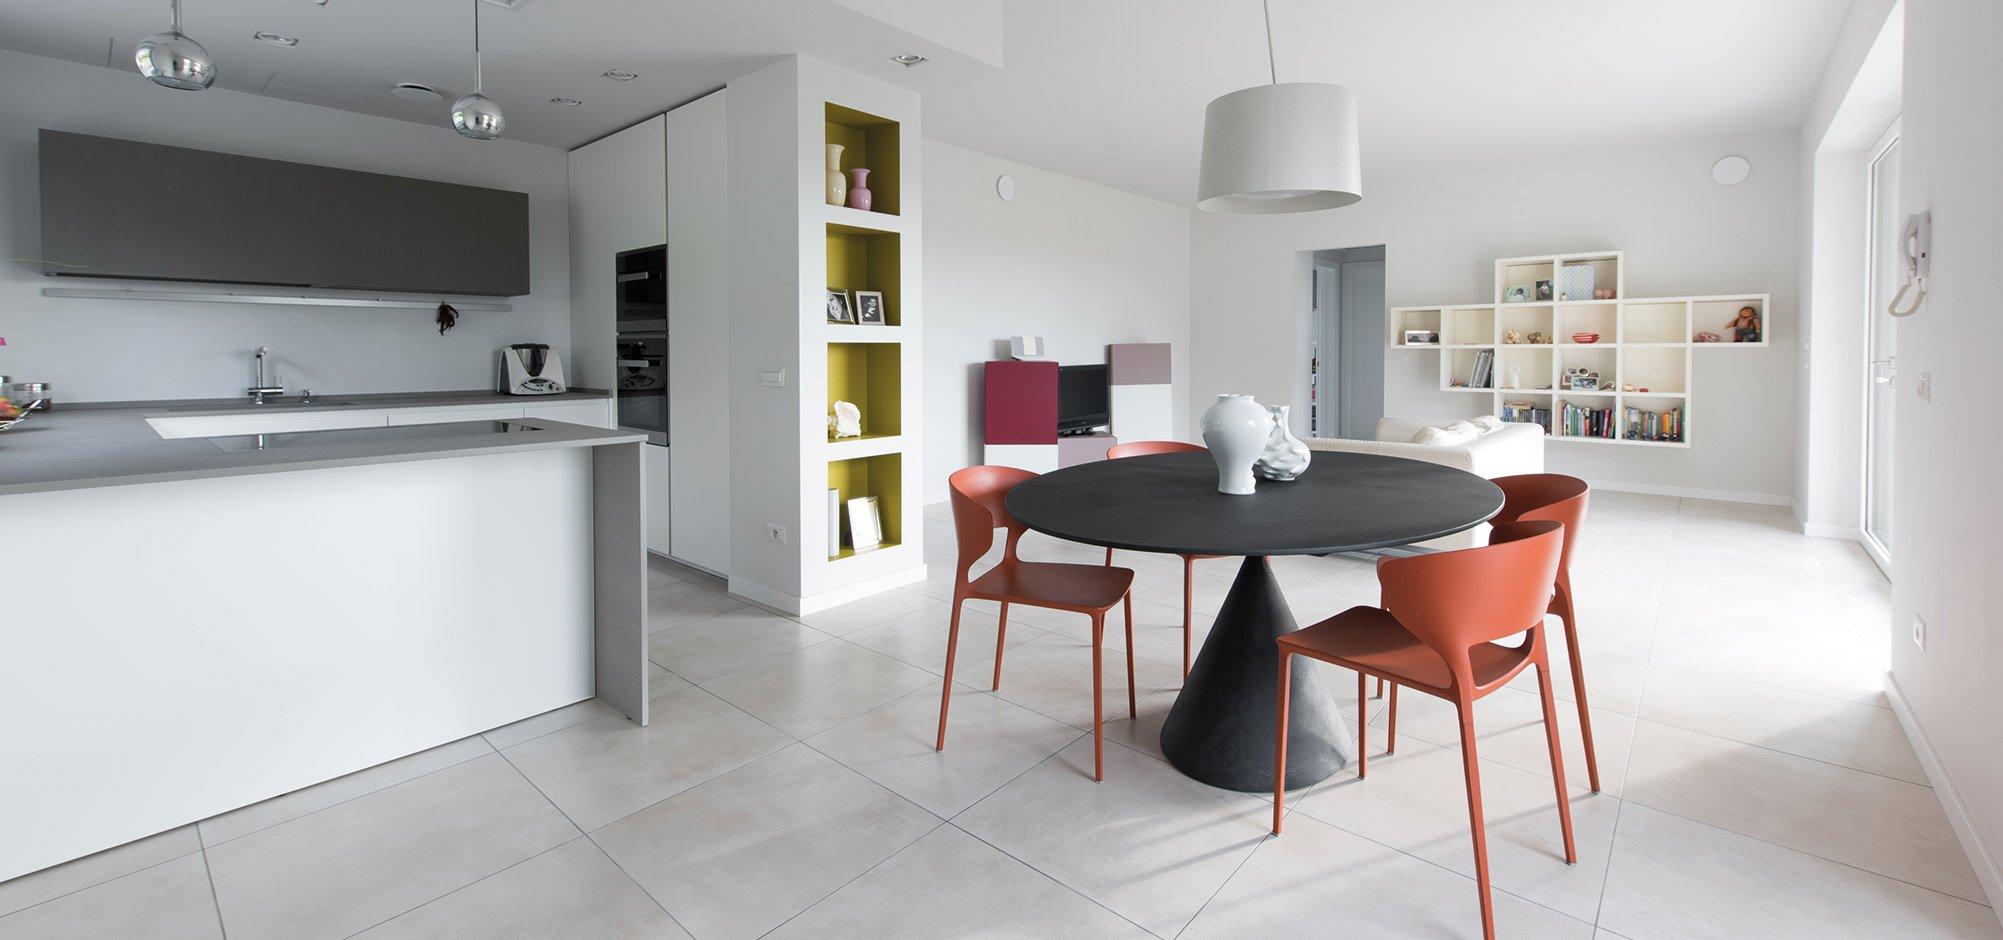 Soggiorno con tavolo di una casa passiva a Mantova di MAC Costruzioni Generali